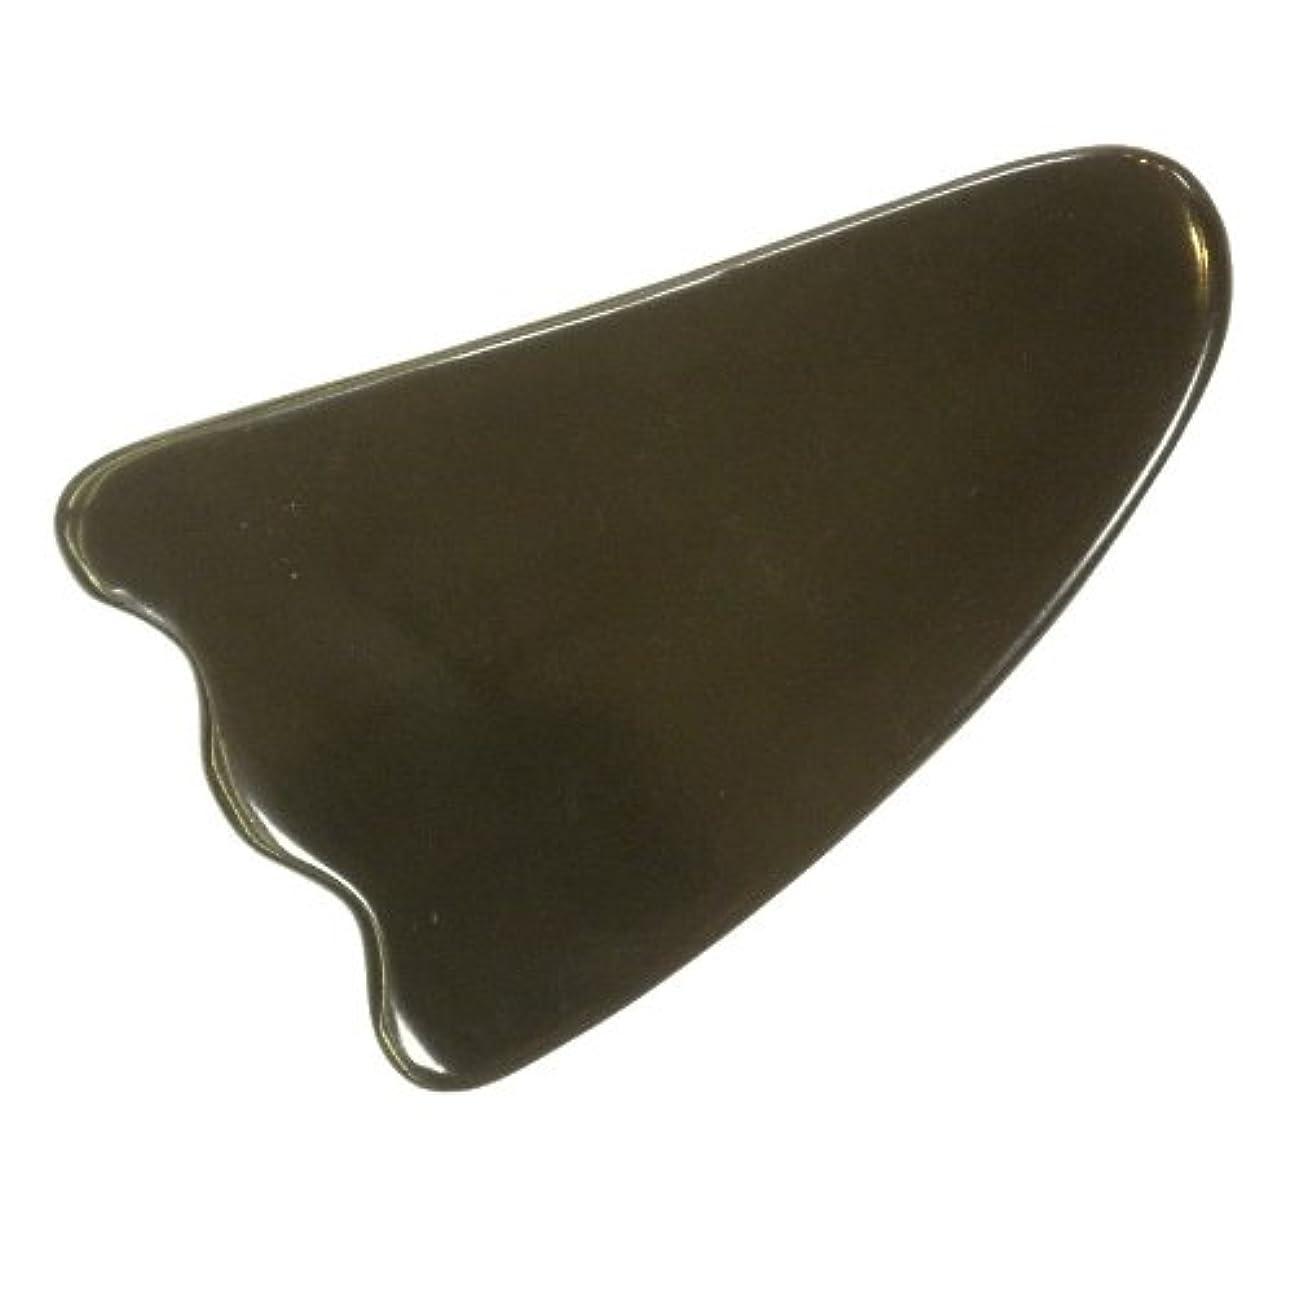 靴サンダルりかっさ プレート 厚さが選べる 水牛の角(黒水牛角) EHE213SP 羽根型 特級品 厚め(7ミリ程度)